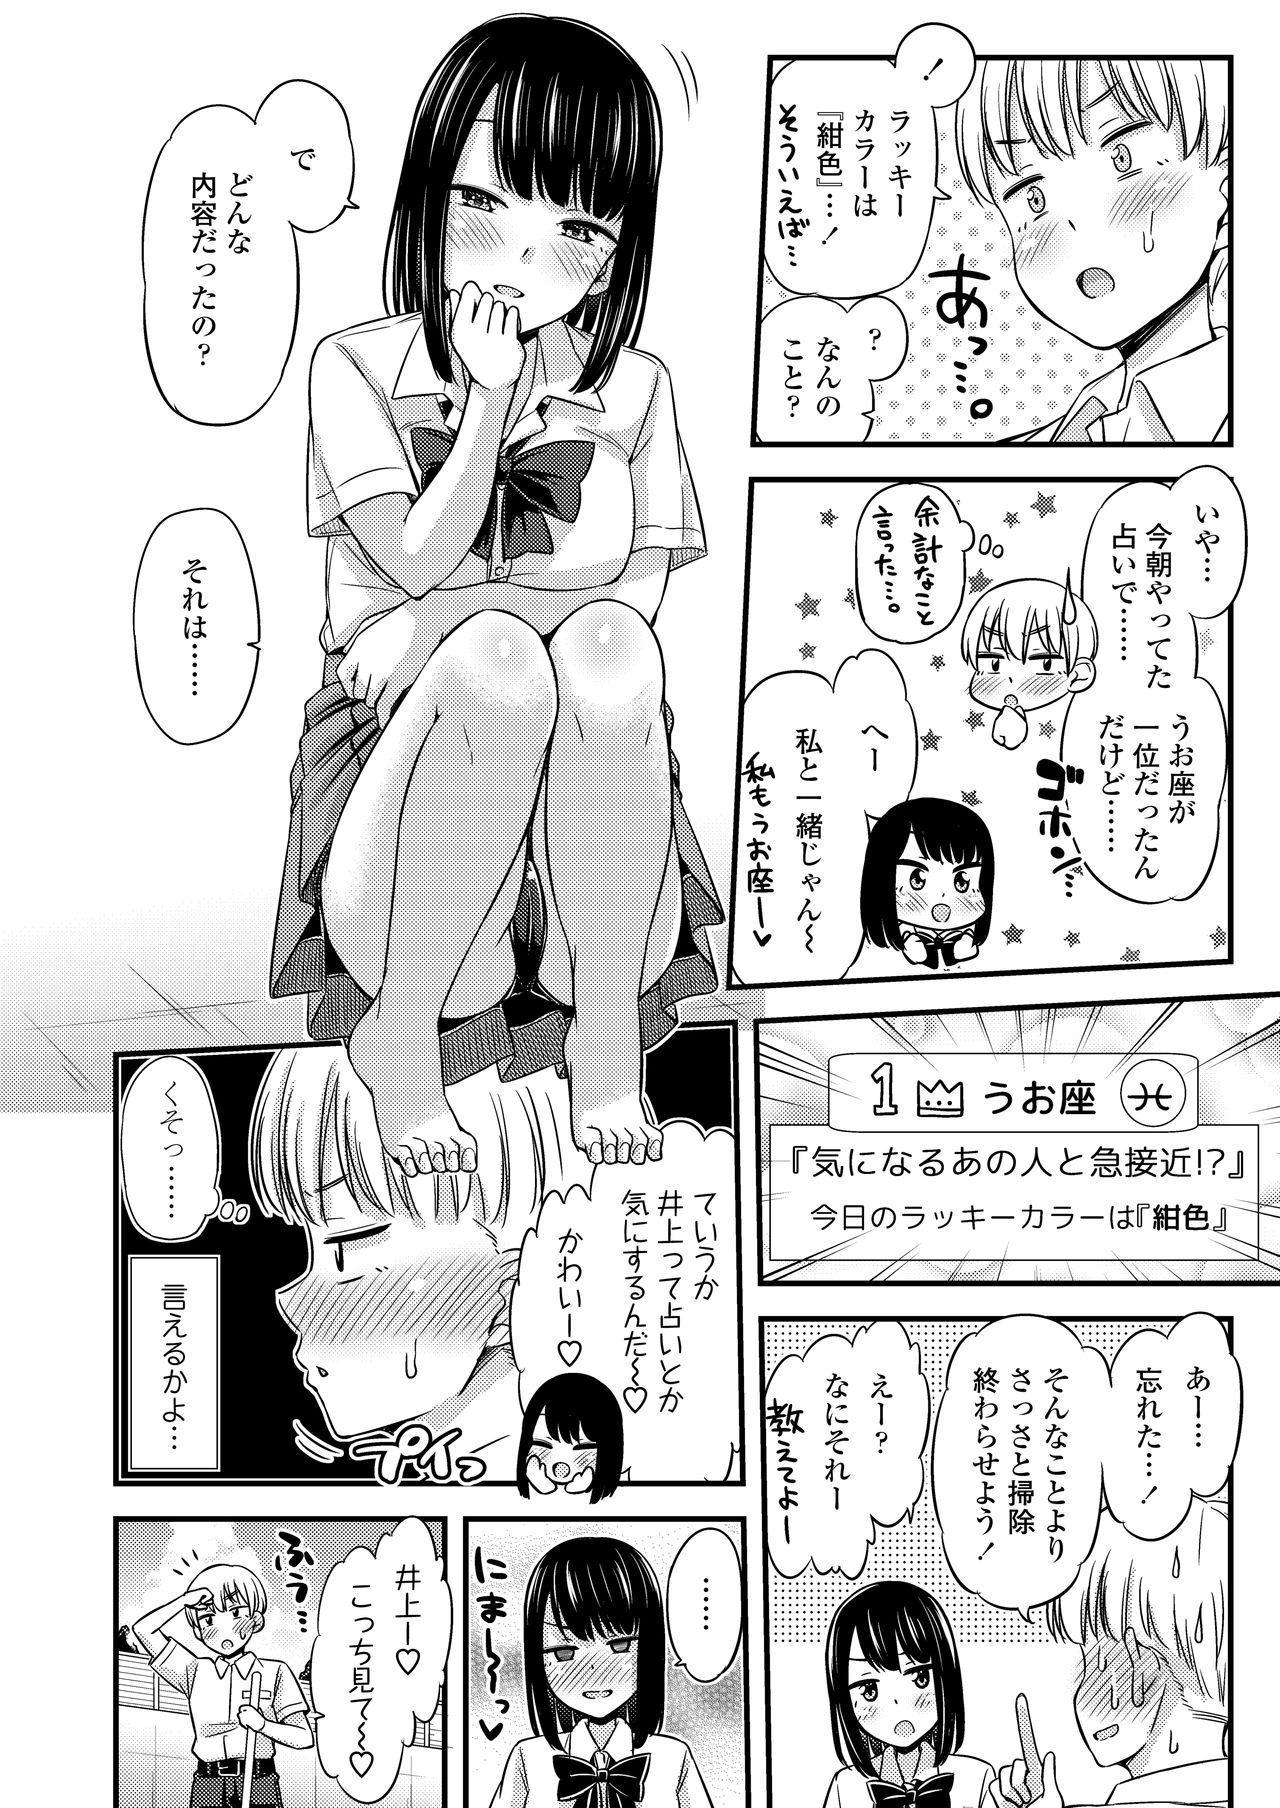 COMIC AOHA 2021 Natsu 99